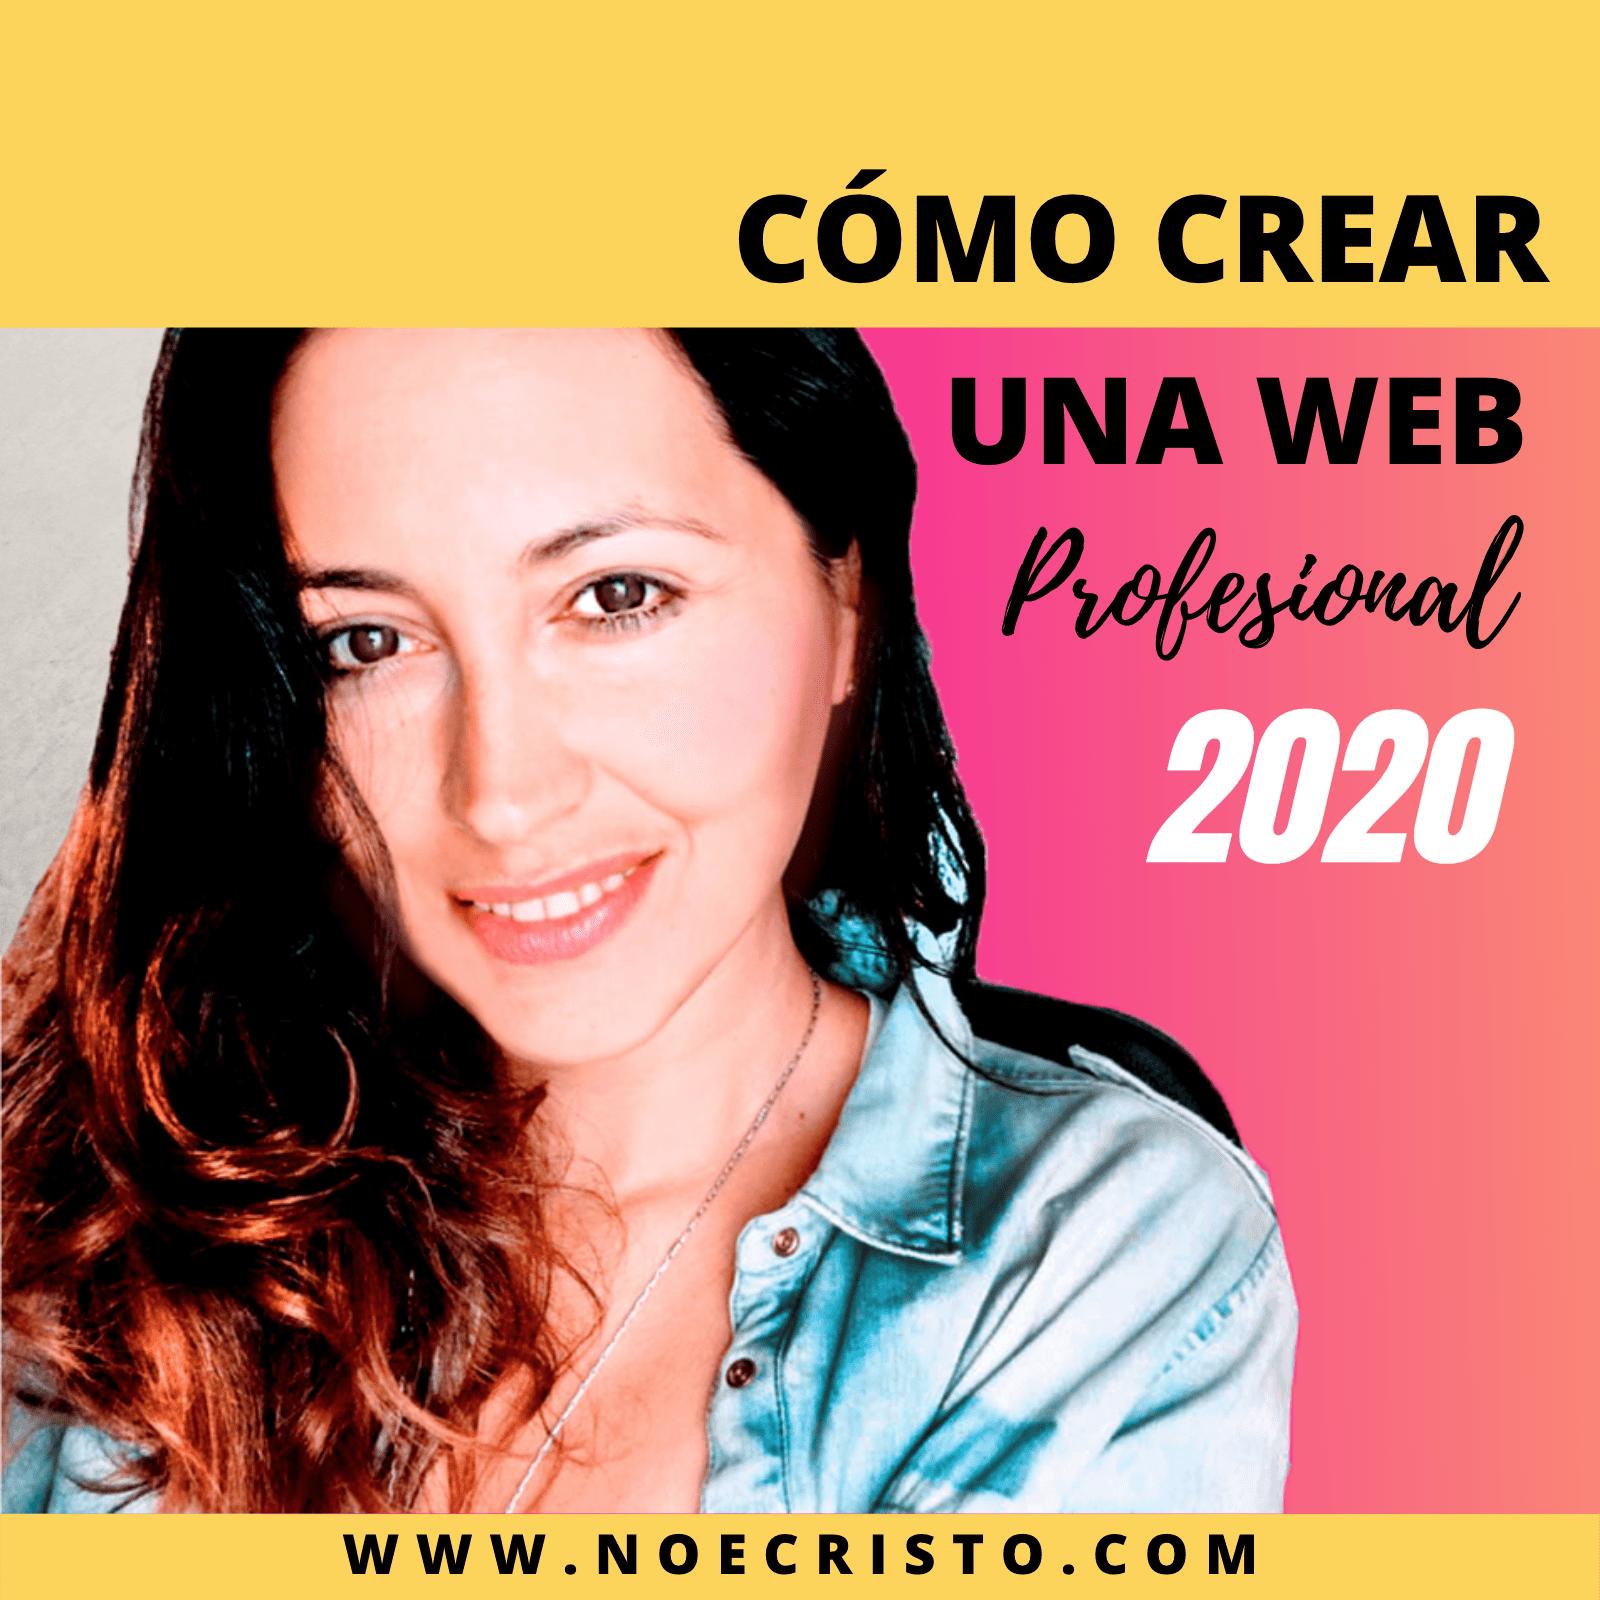 Cómo crear una web profesional